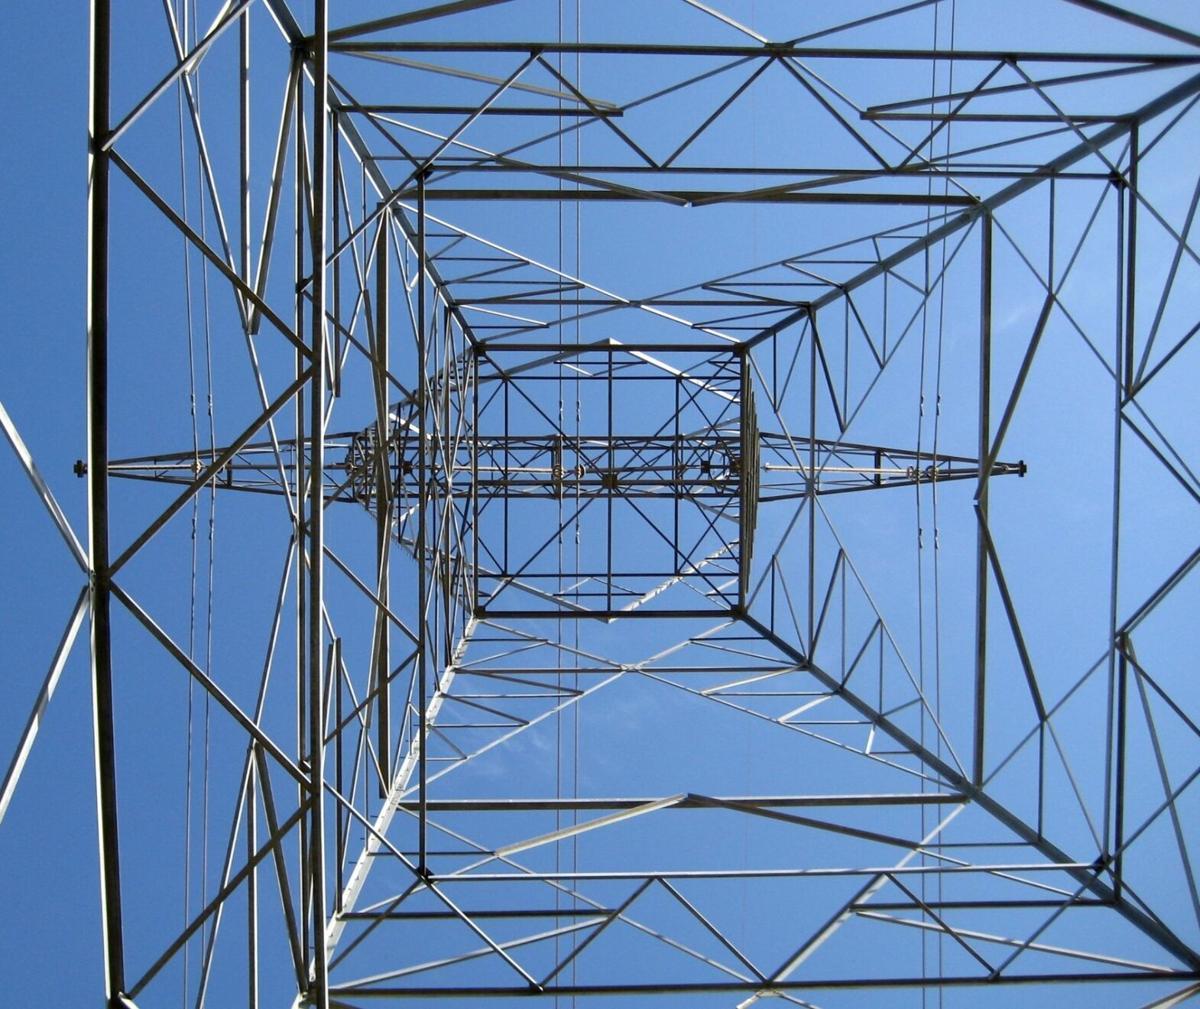 Pylon From Below